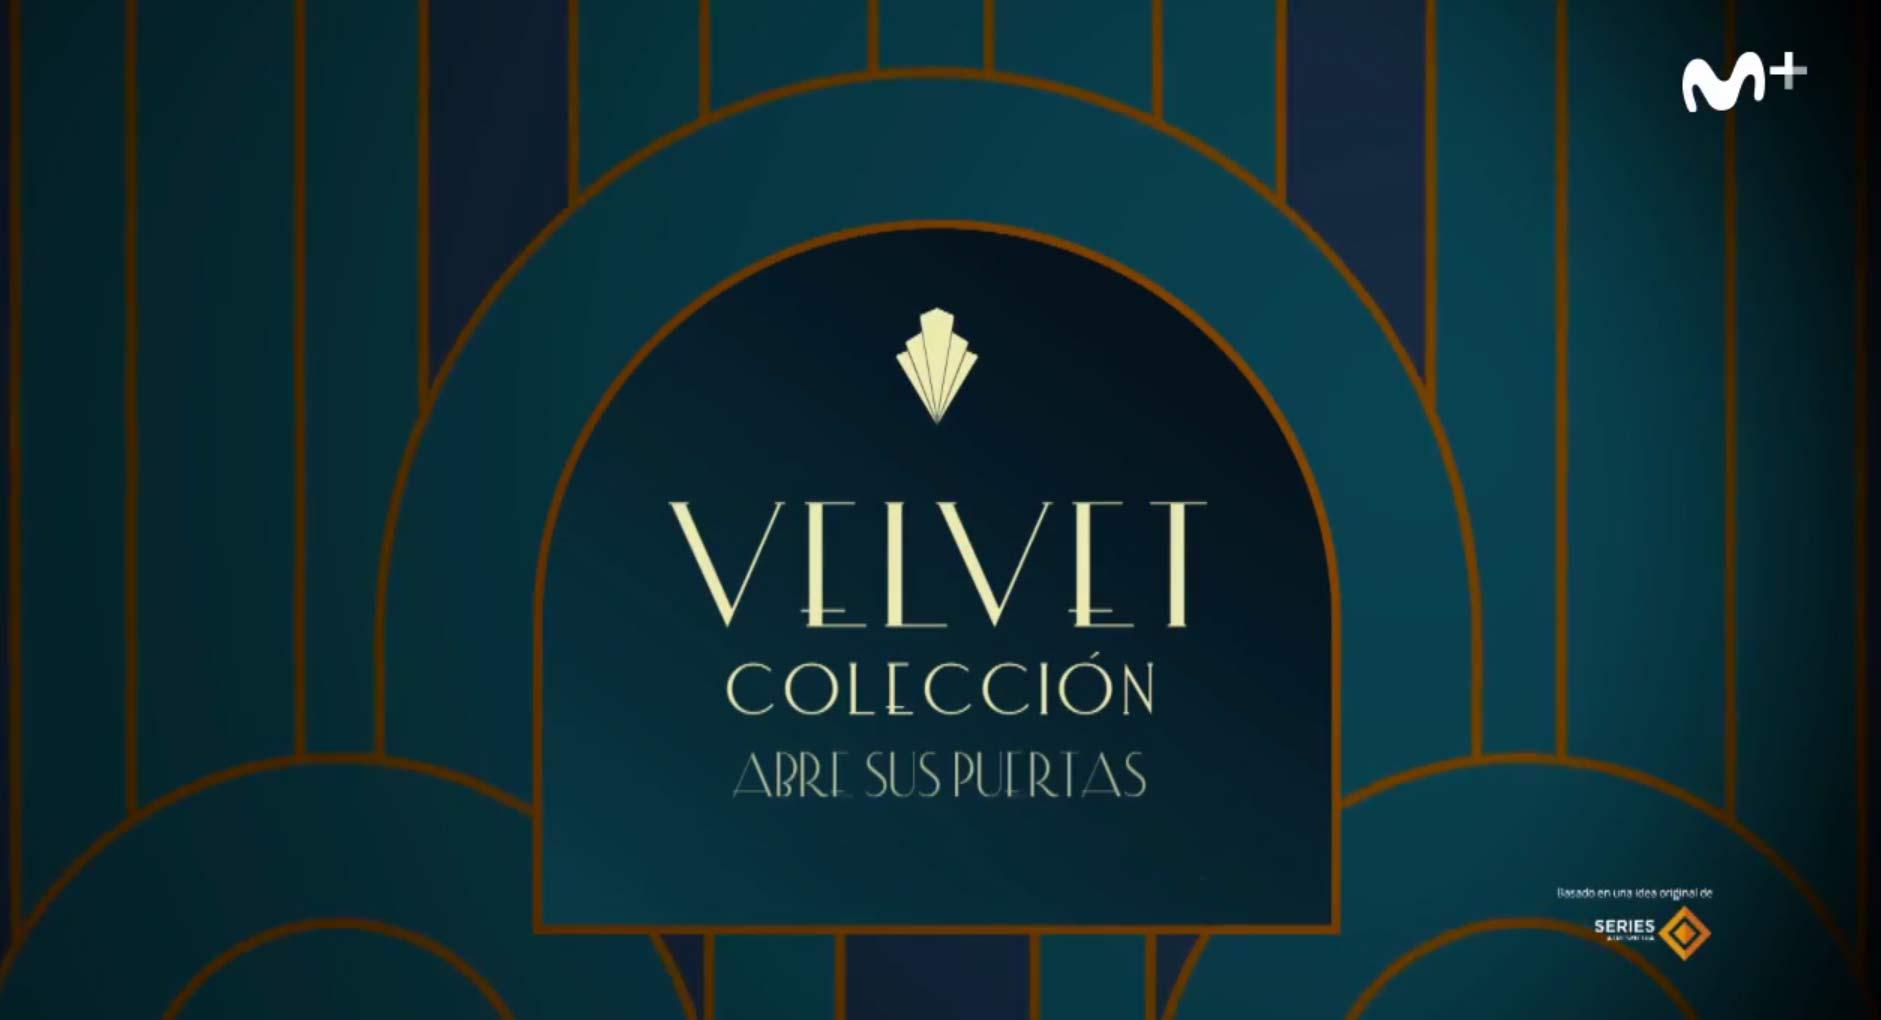 Velvet Colección – Trailer – Movistar+